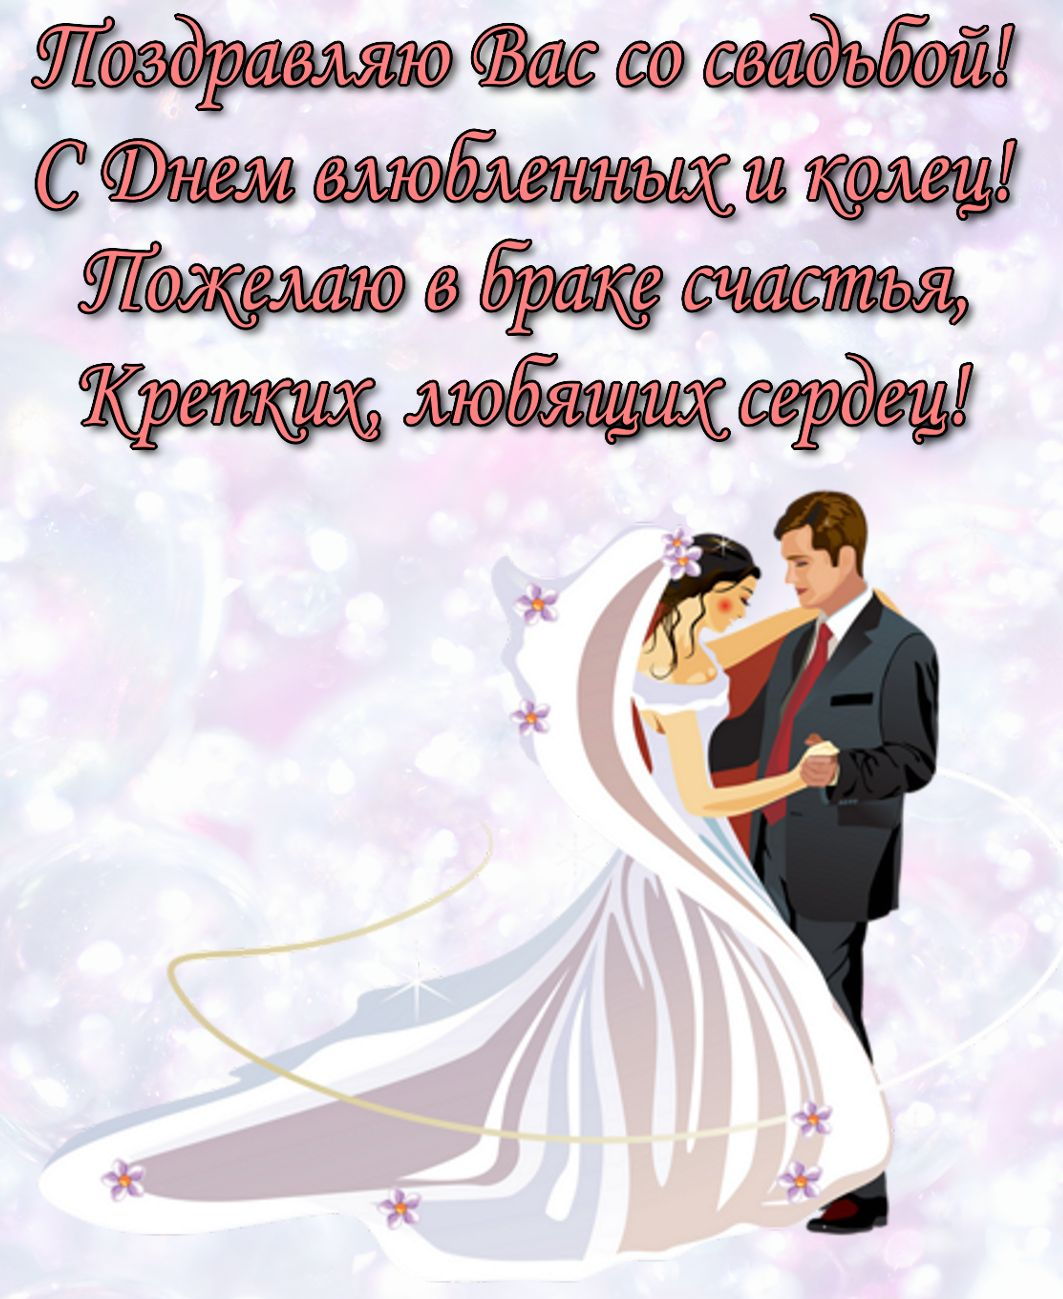 Поздравление со свадьбой своими словами душевно коротко 37